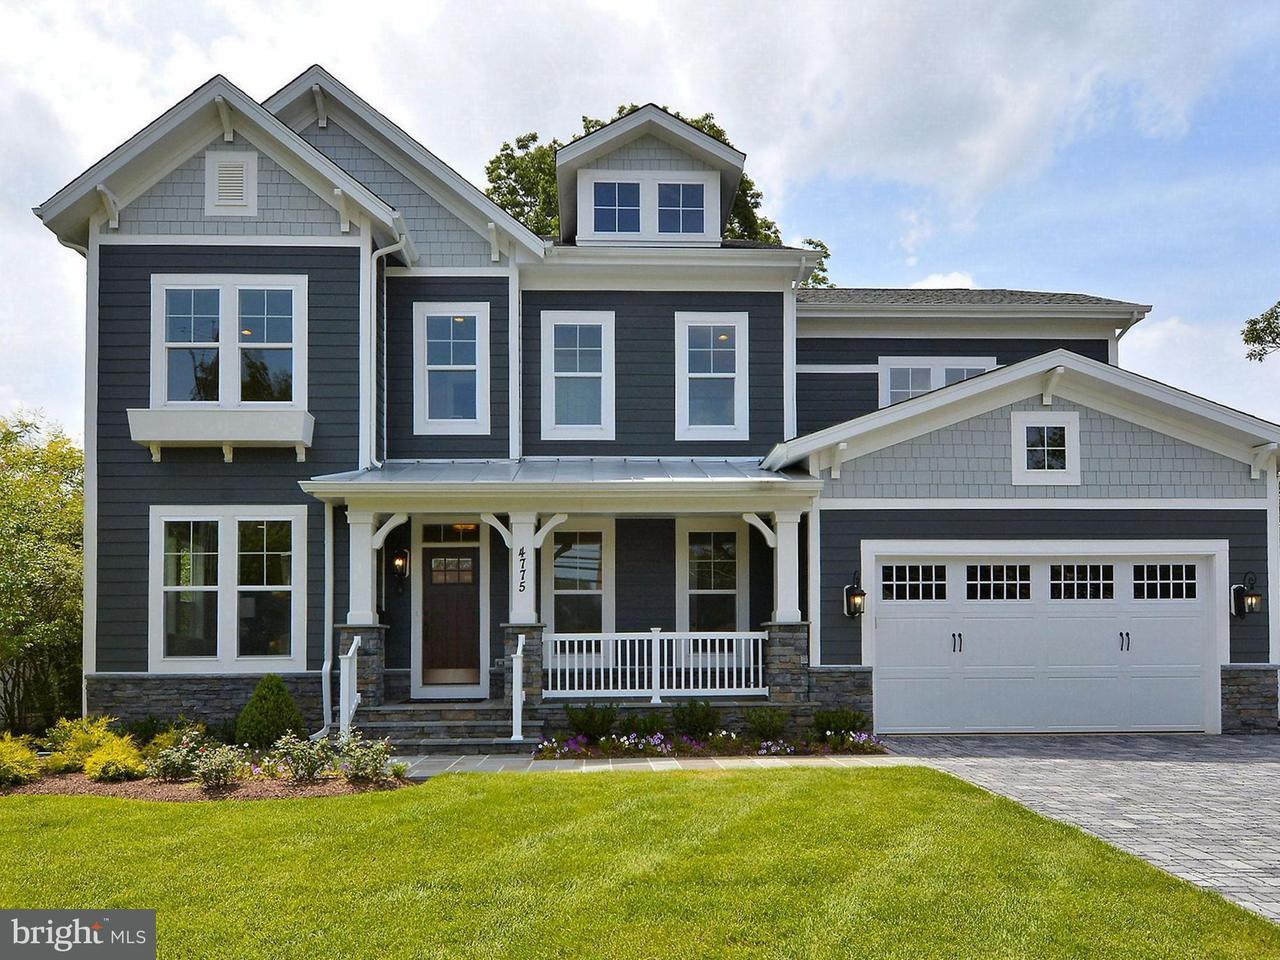 단독 가정 주택 용 매매 에 12462 MARGARET THOMAS Lane 12462 MARGARET THOMAS Lane Herndon, 버지니아 20171 미국